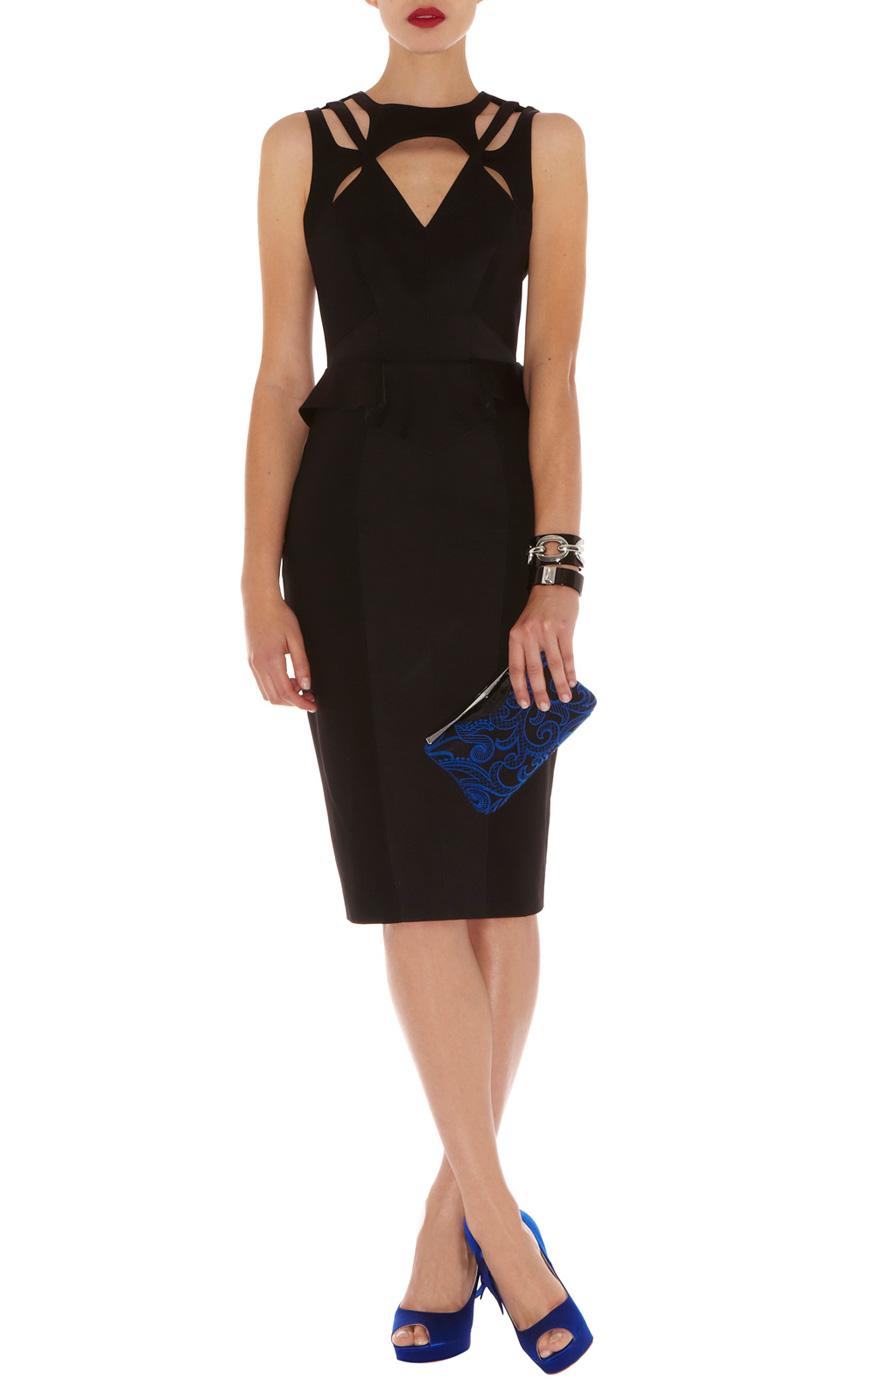 Black dress karen millen - Karen Millen Black Dress